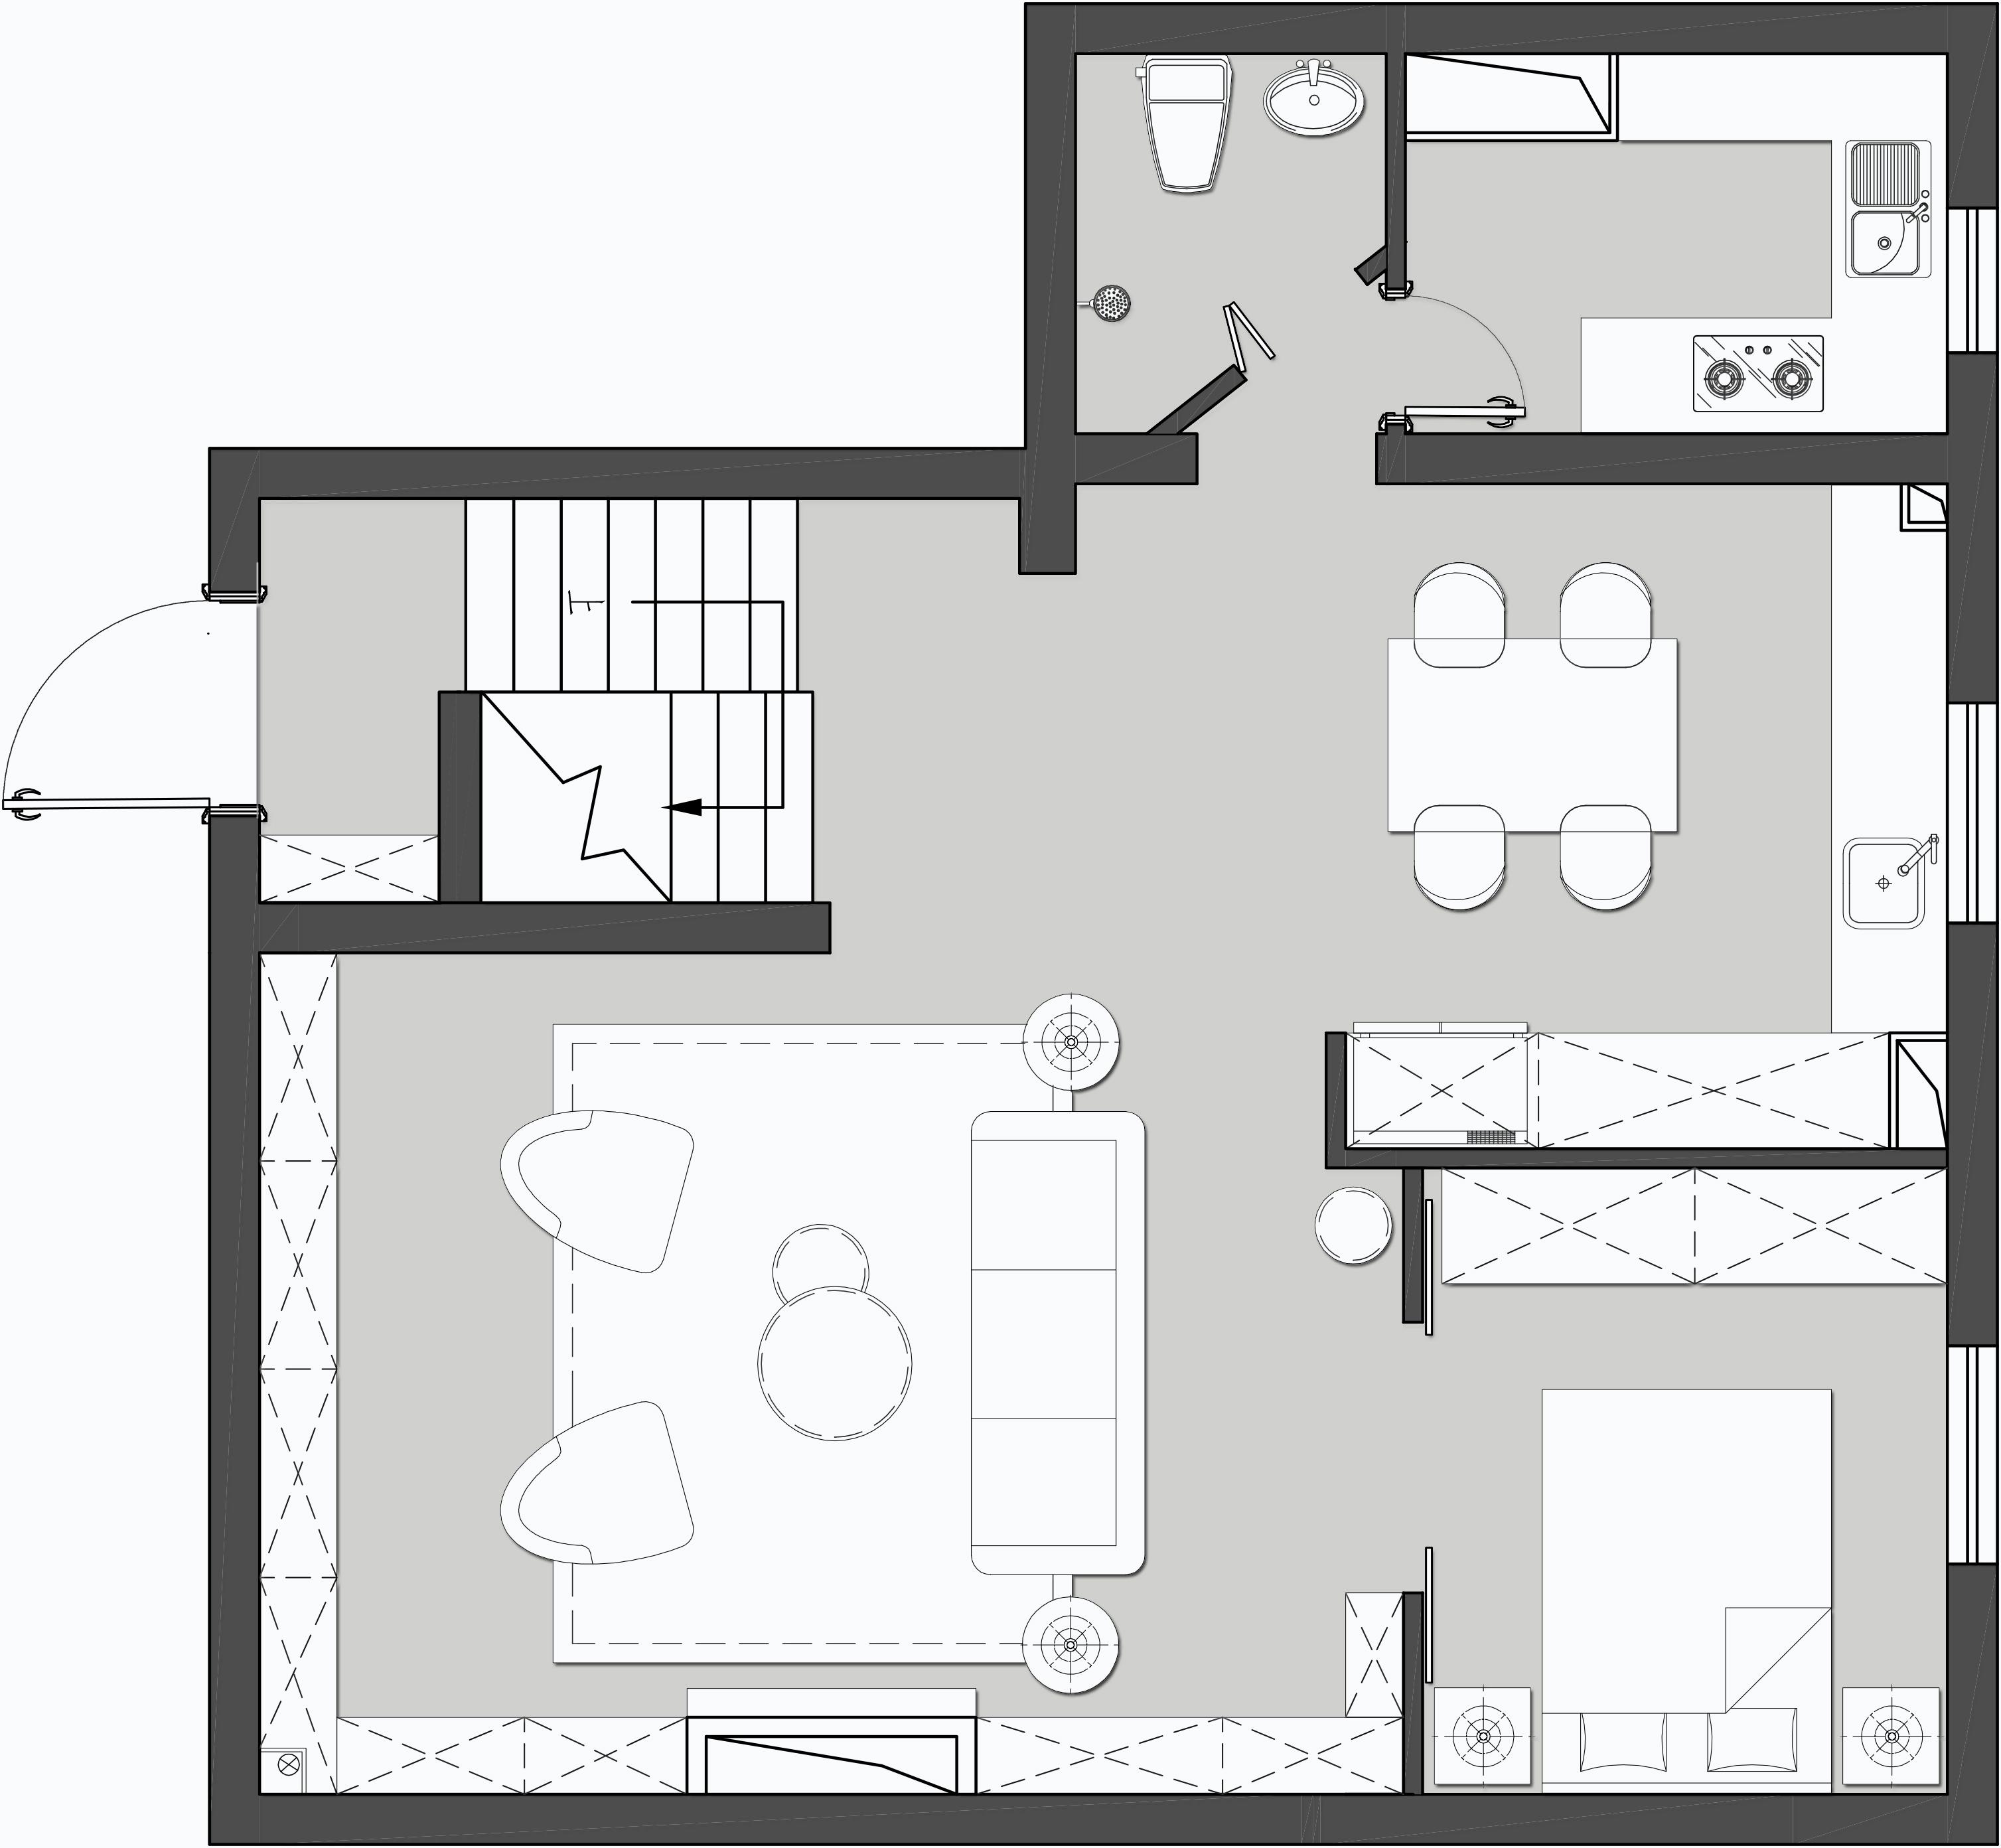 欧陆经典-120平米-现代美式风格装修案例装修设计理念